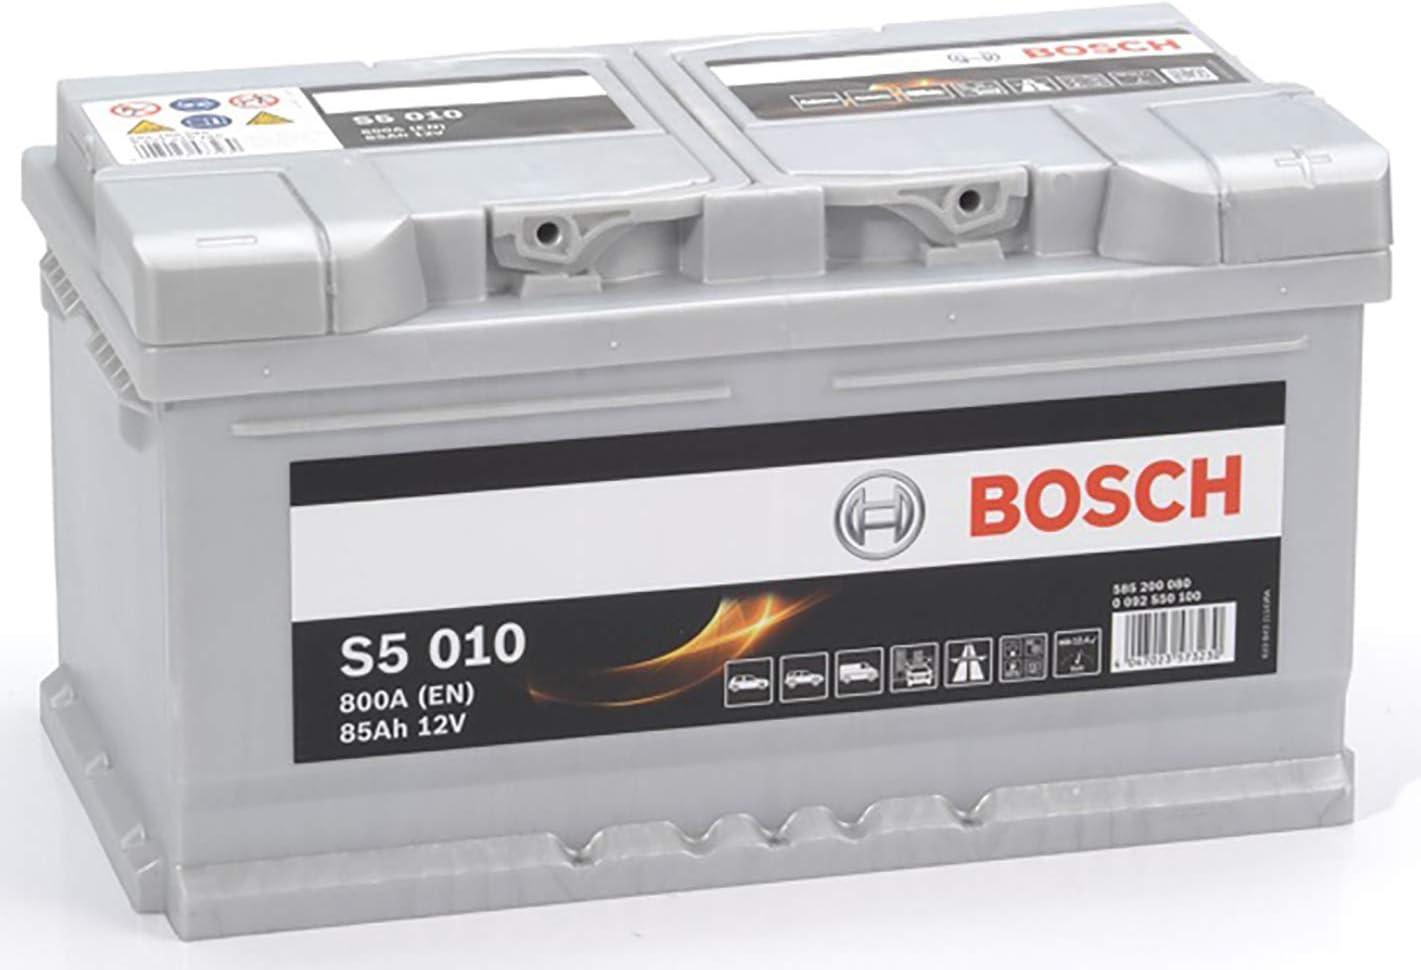 Bosch S5010 Batería de automóvil 85A/h-800A